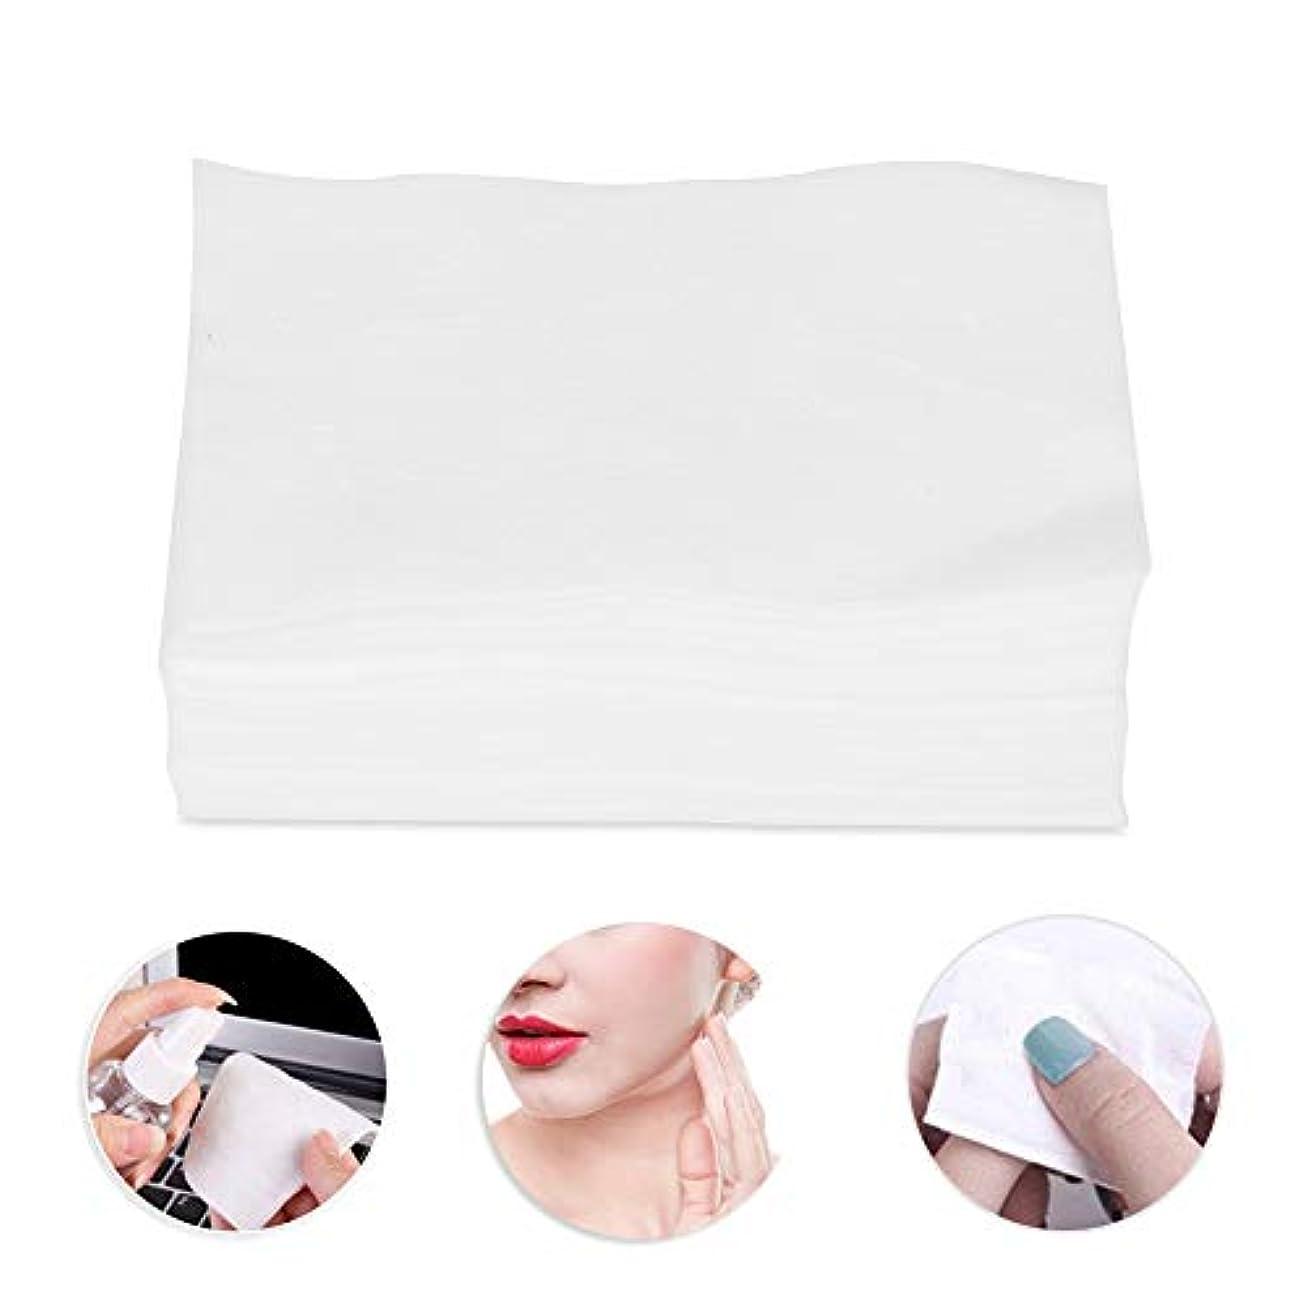 悪意ポスター平行300個の化粧コットンパッド、化粧リムーバースキンケアクリーニングワイプ用の柔らかいコットン